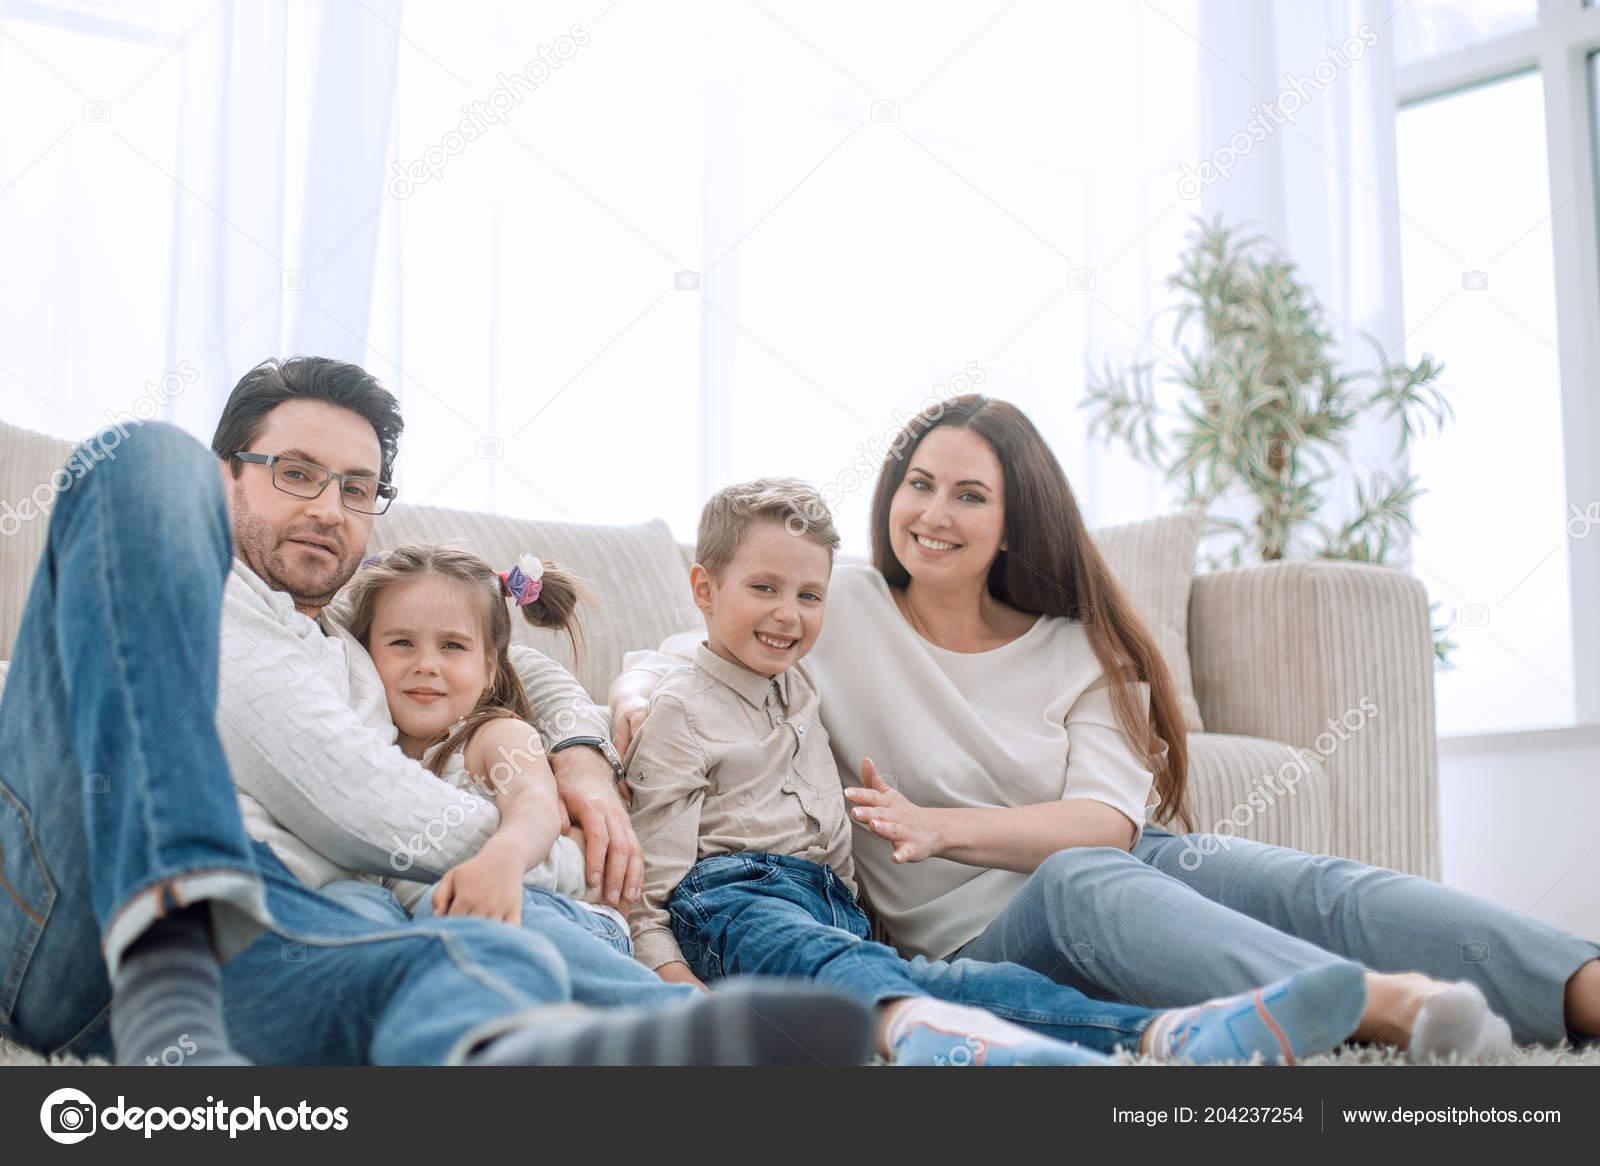 89efe4b66b35c Descansando em sua sala de estar confortável e feliz família — Fotografia  de Stock